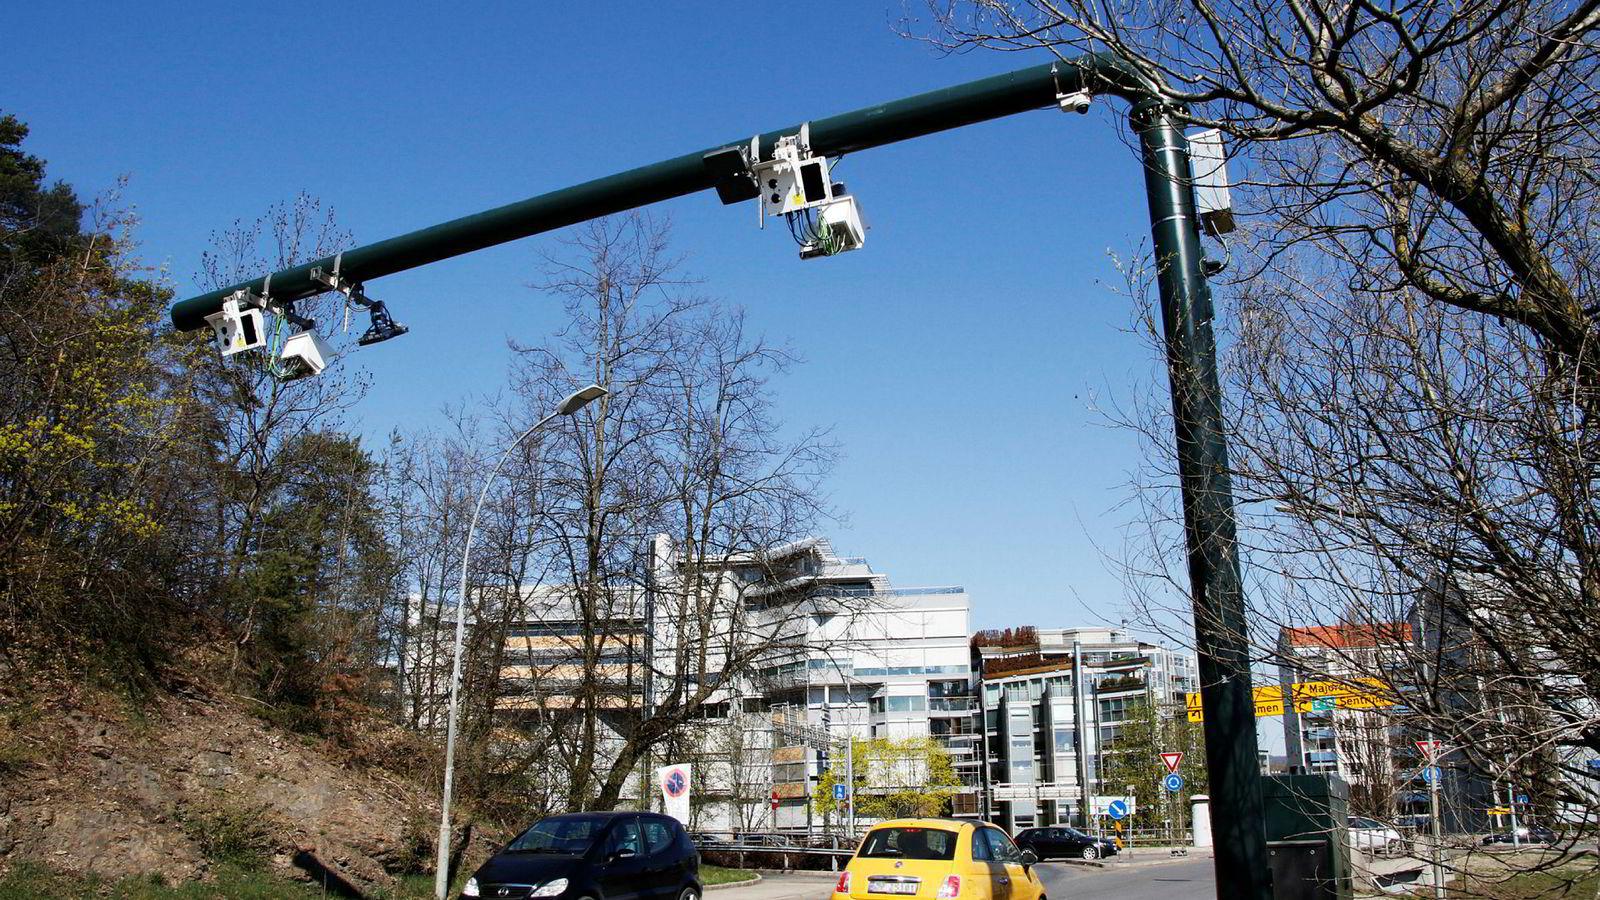 Med dagens teknologi er det så enkelt å få til et veiprisingssystem at man bare kan undres over at vi ikke for lengst har fått det, skriver artikkelforfatteren. Her fra nye bomstasjoner i Oslo.